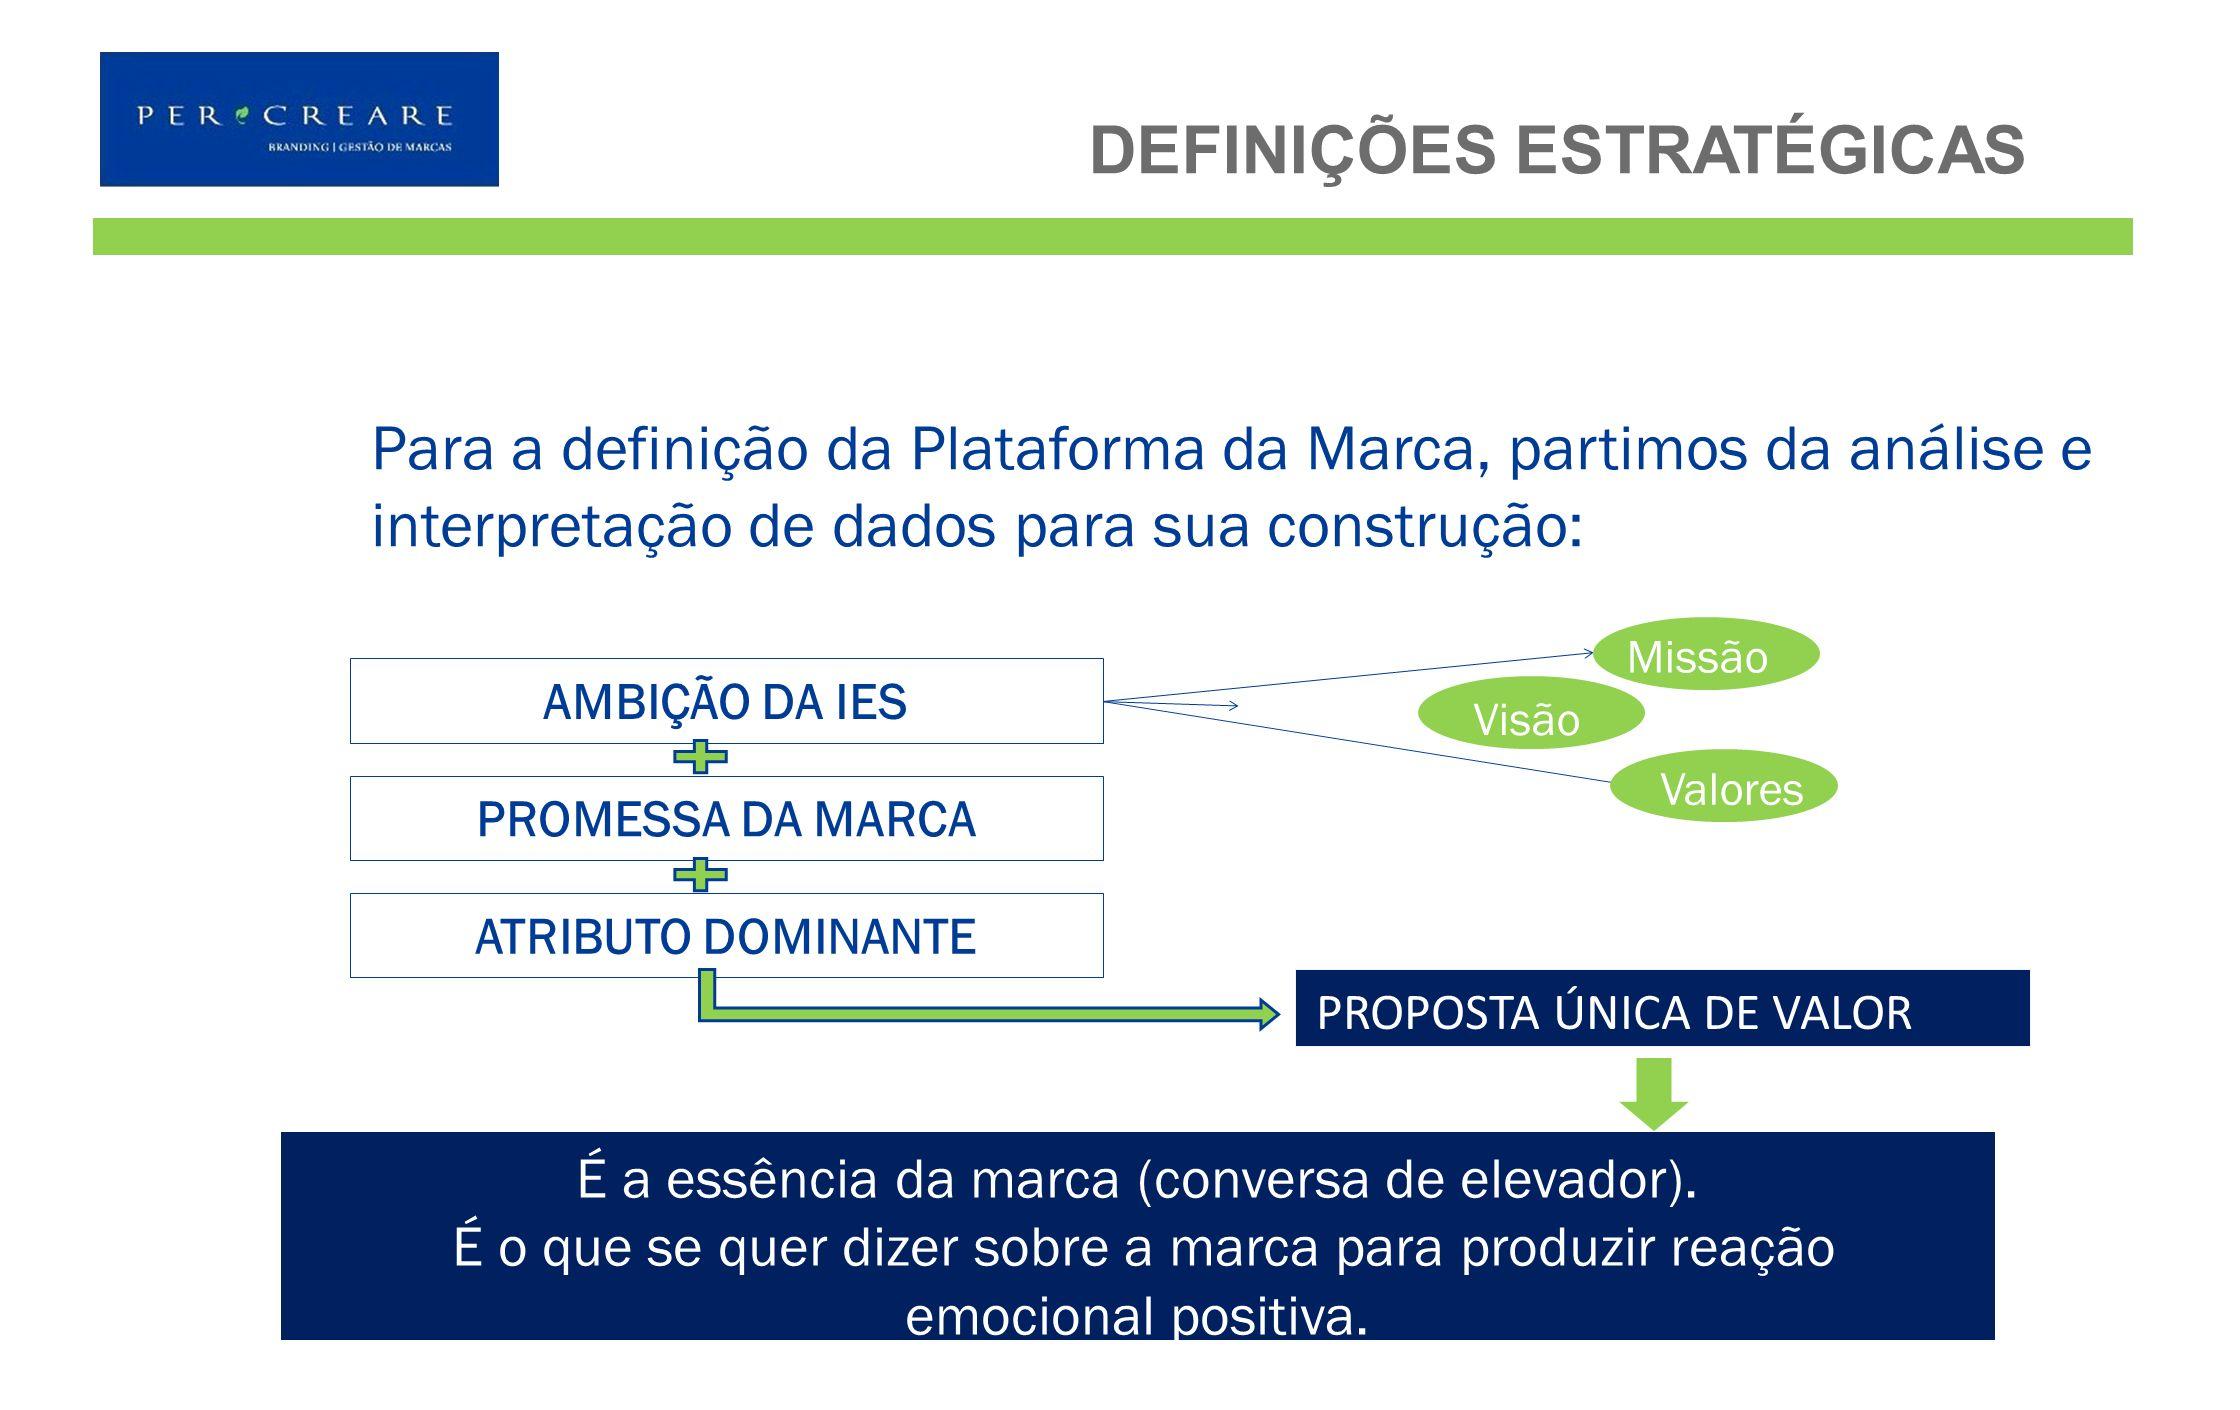 Para a definição da Plataforma da Marca, partimos da análise e interpretação de dados para sua construção: DEFINIÇÕES ESTRATÉGICAS AMBIÇÃO DA IES PROM